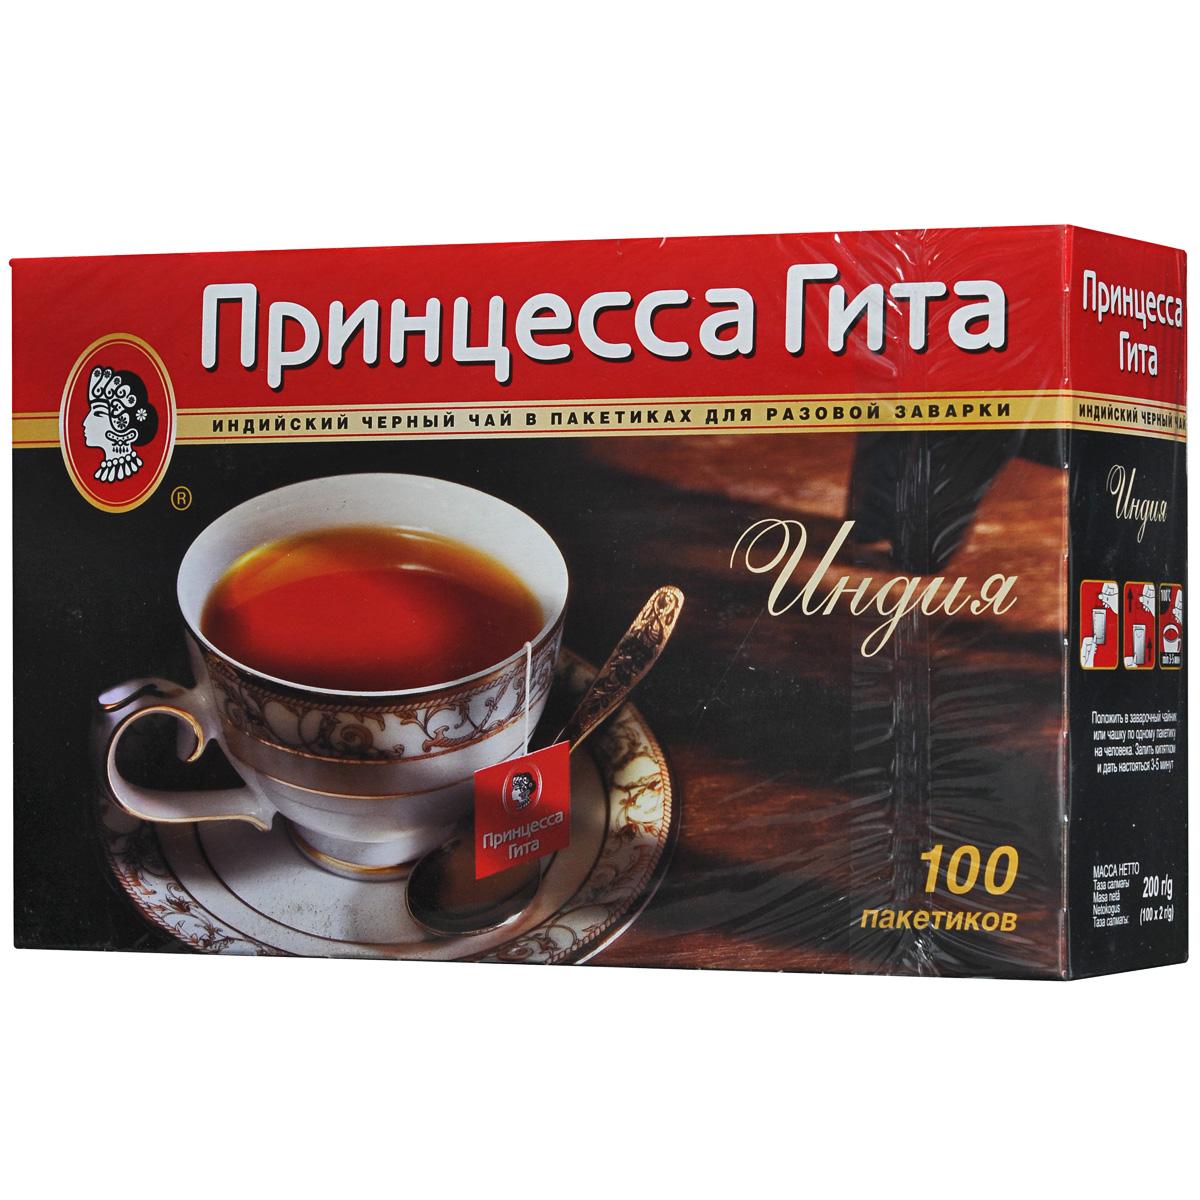 Принцесса Гита Индия черный чай в пакетиках, 100 шт0249-16Черный чай Принцесса Гита Индия в пакетиках собран со знаменитых чайных плантаций солнечной Индии. Яркий цвет и приятный терпкий вкус сочетаются в этом чае с выраженным тонизирующим действием.